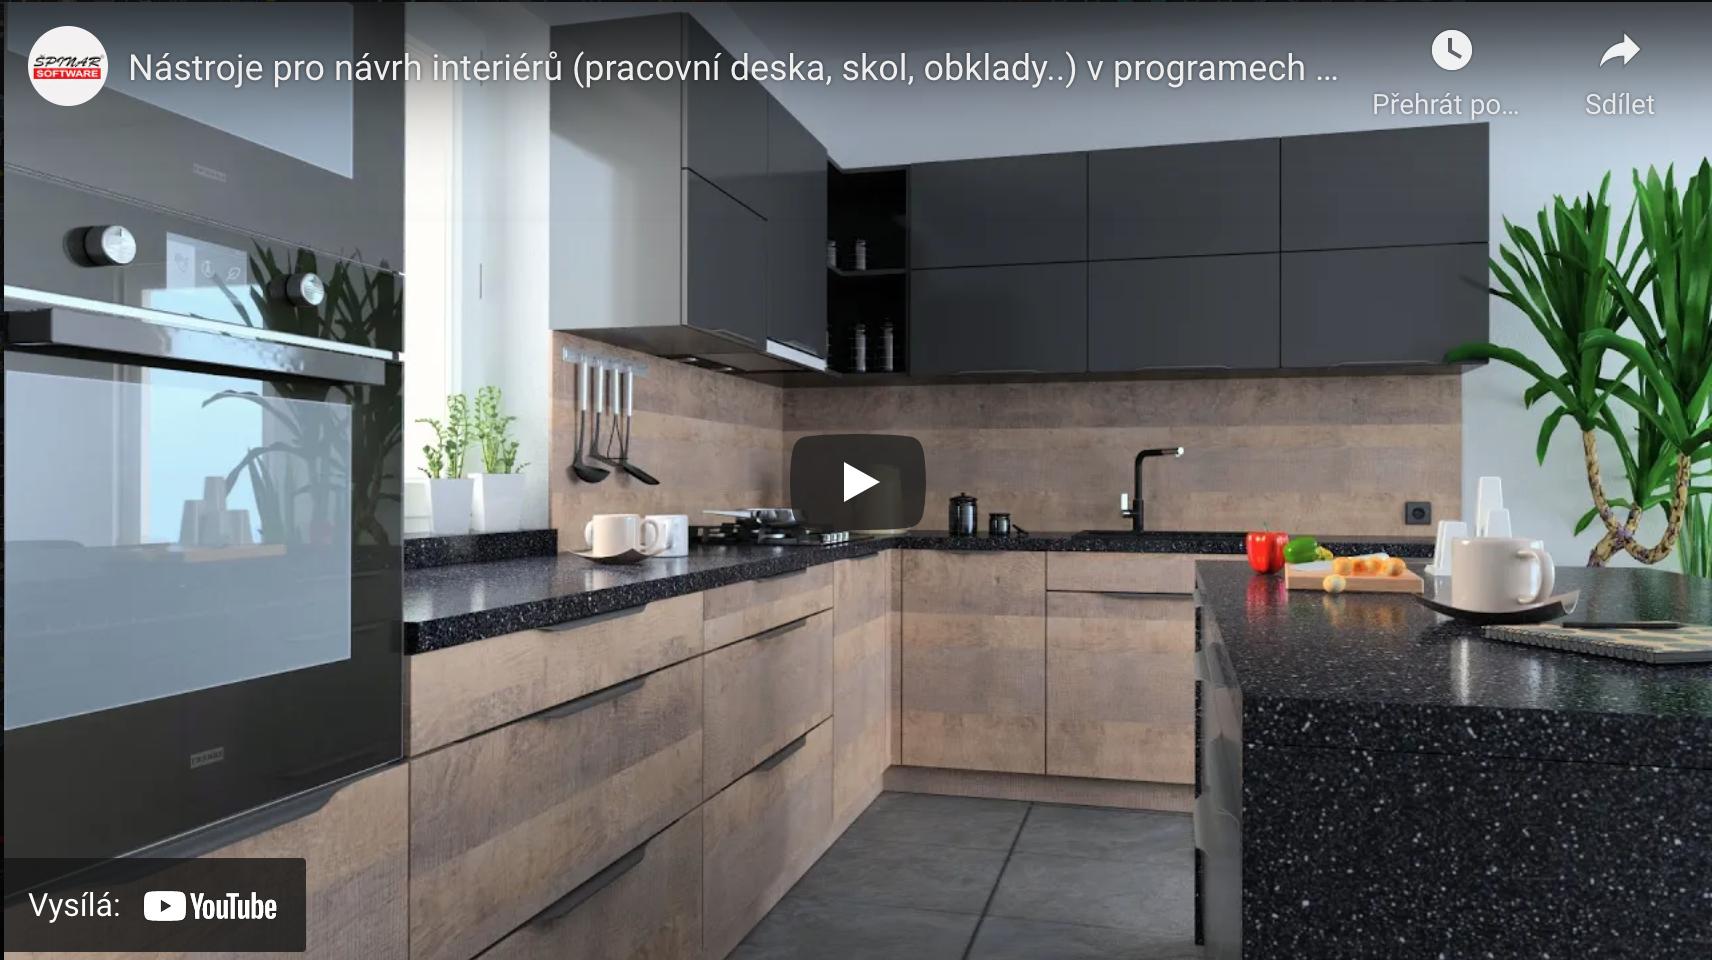 nastroje pro navrh interieru - DAEX CUT Délková Optimalizace